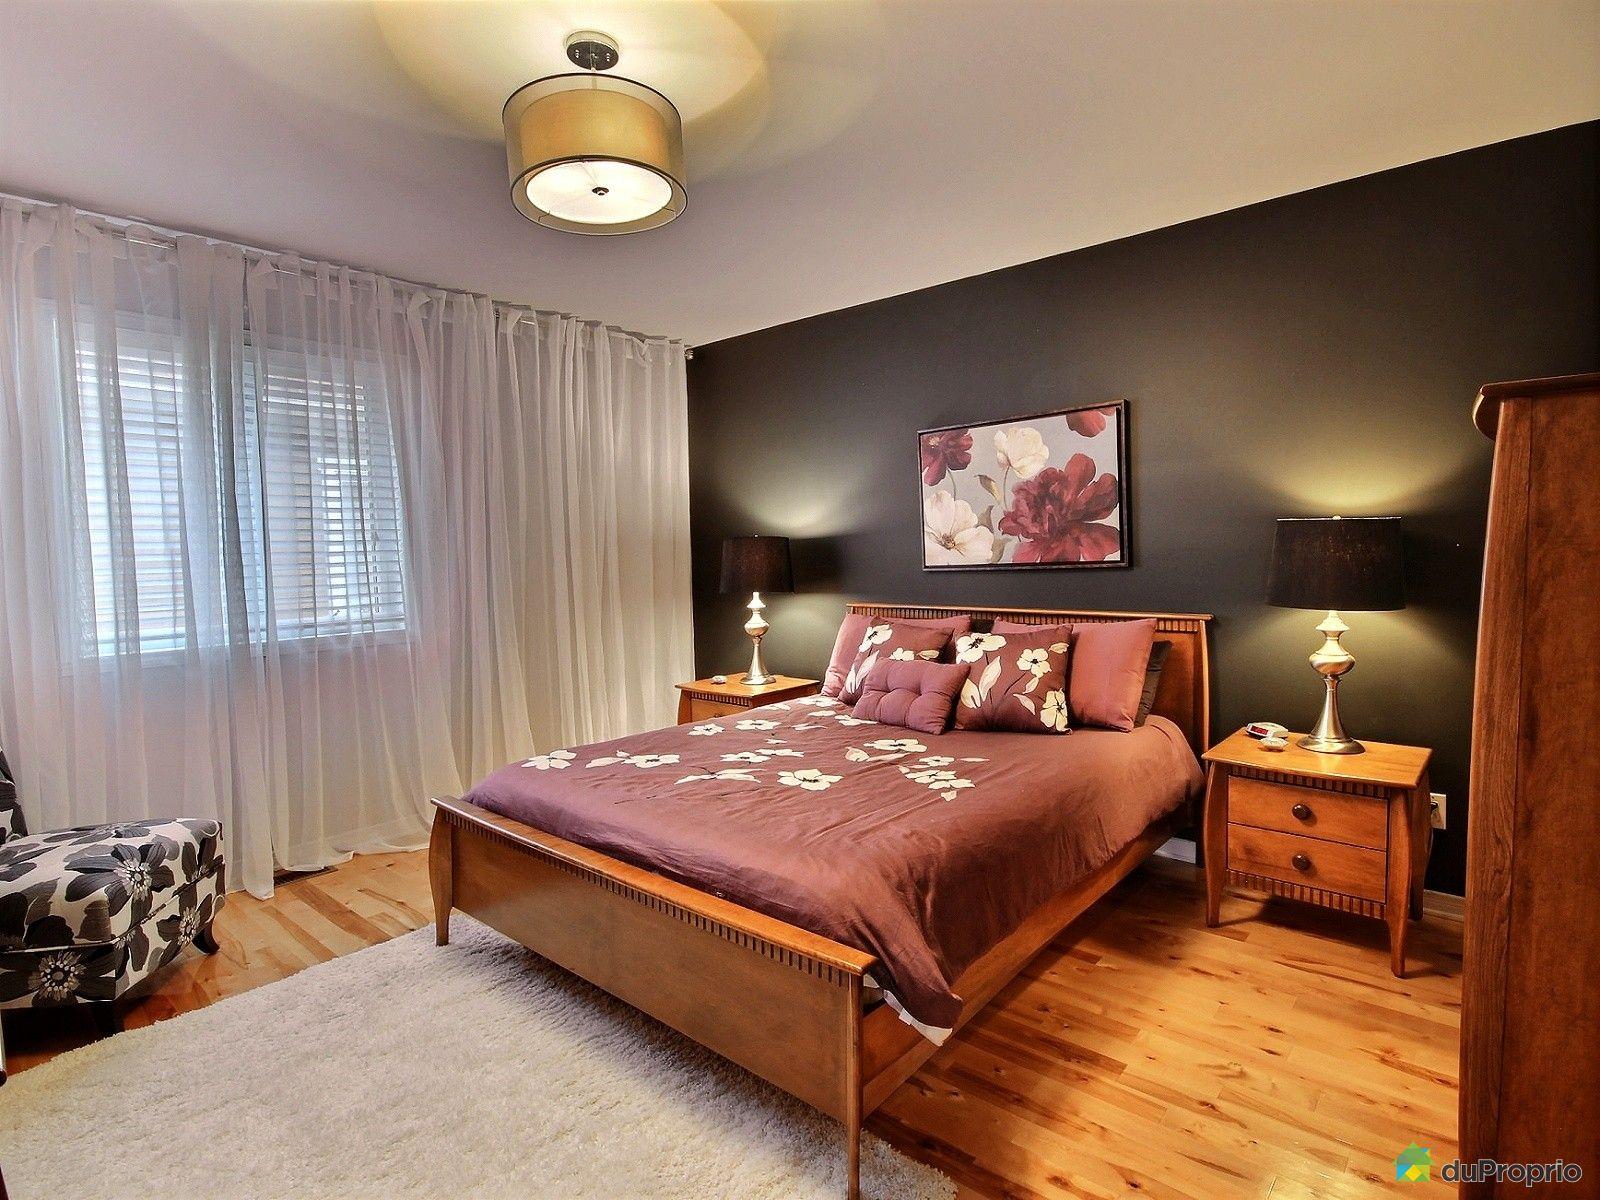 Maison vendre mirabel 14675 rue des saules immobilier for Chambre de commerce mirabel